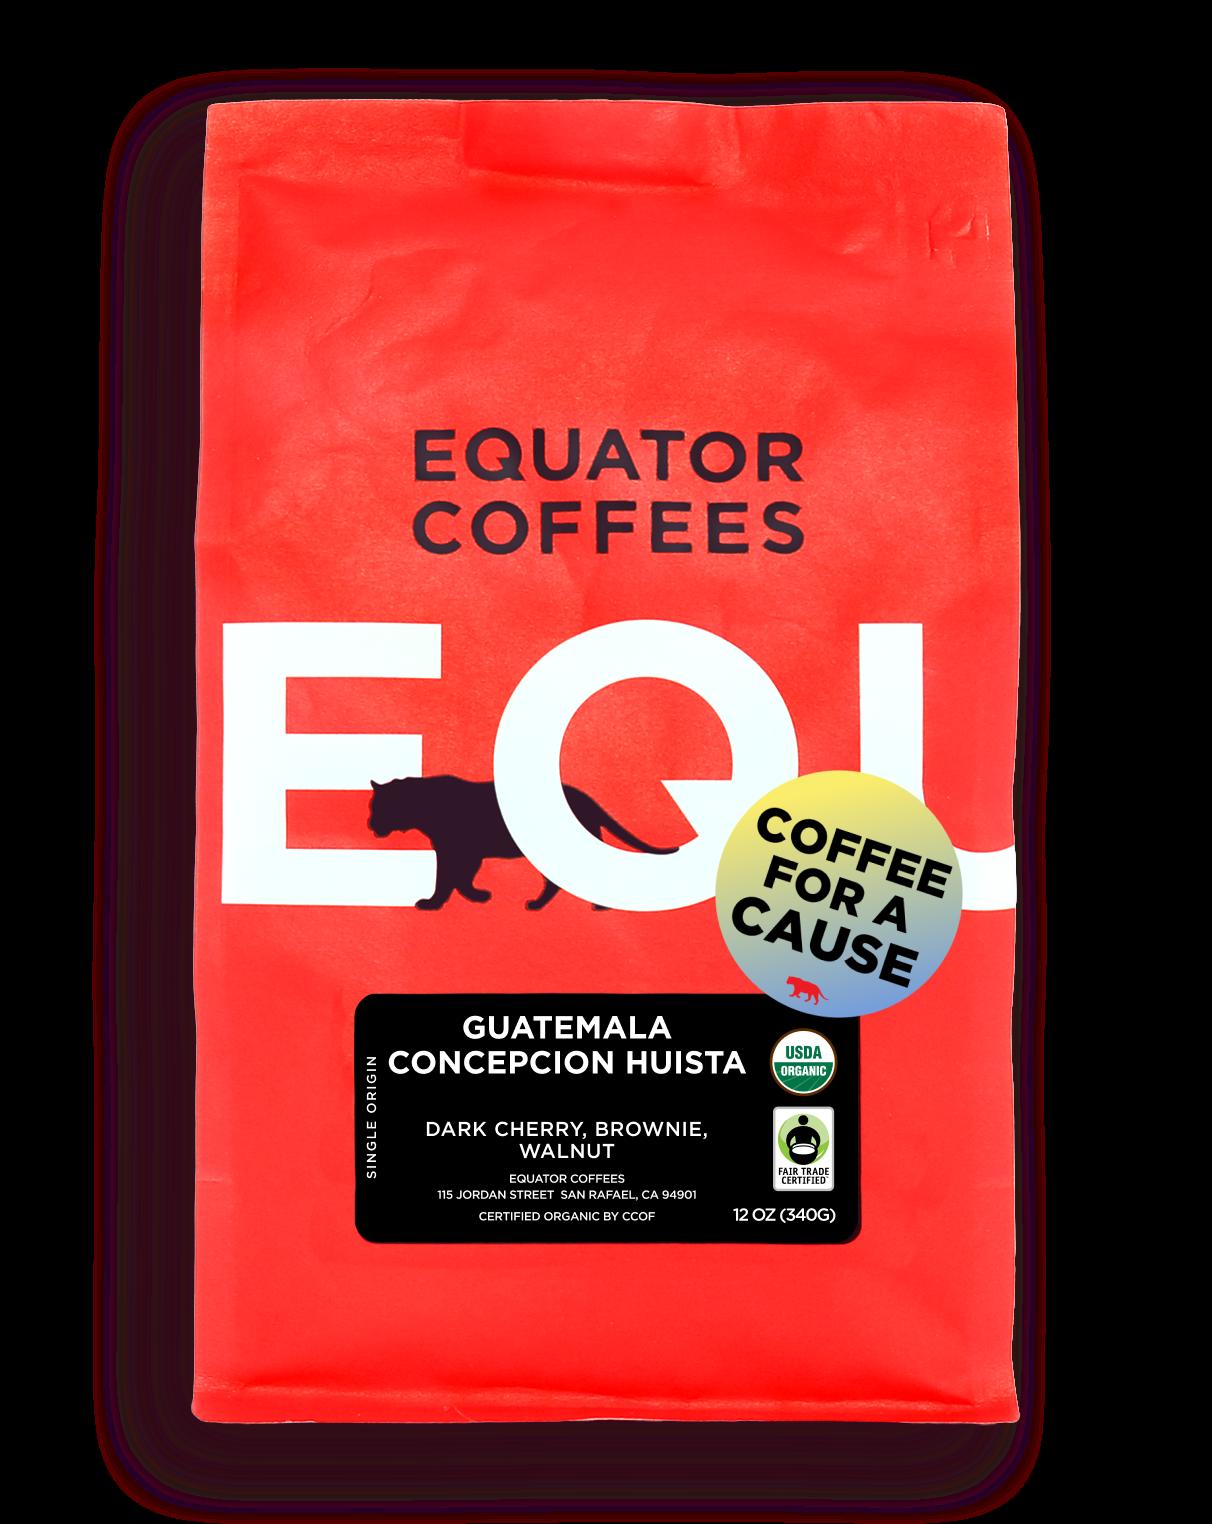 Guatemala Concepción Huista Fair Trade Organic